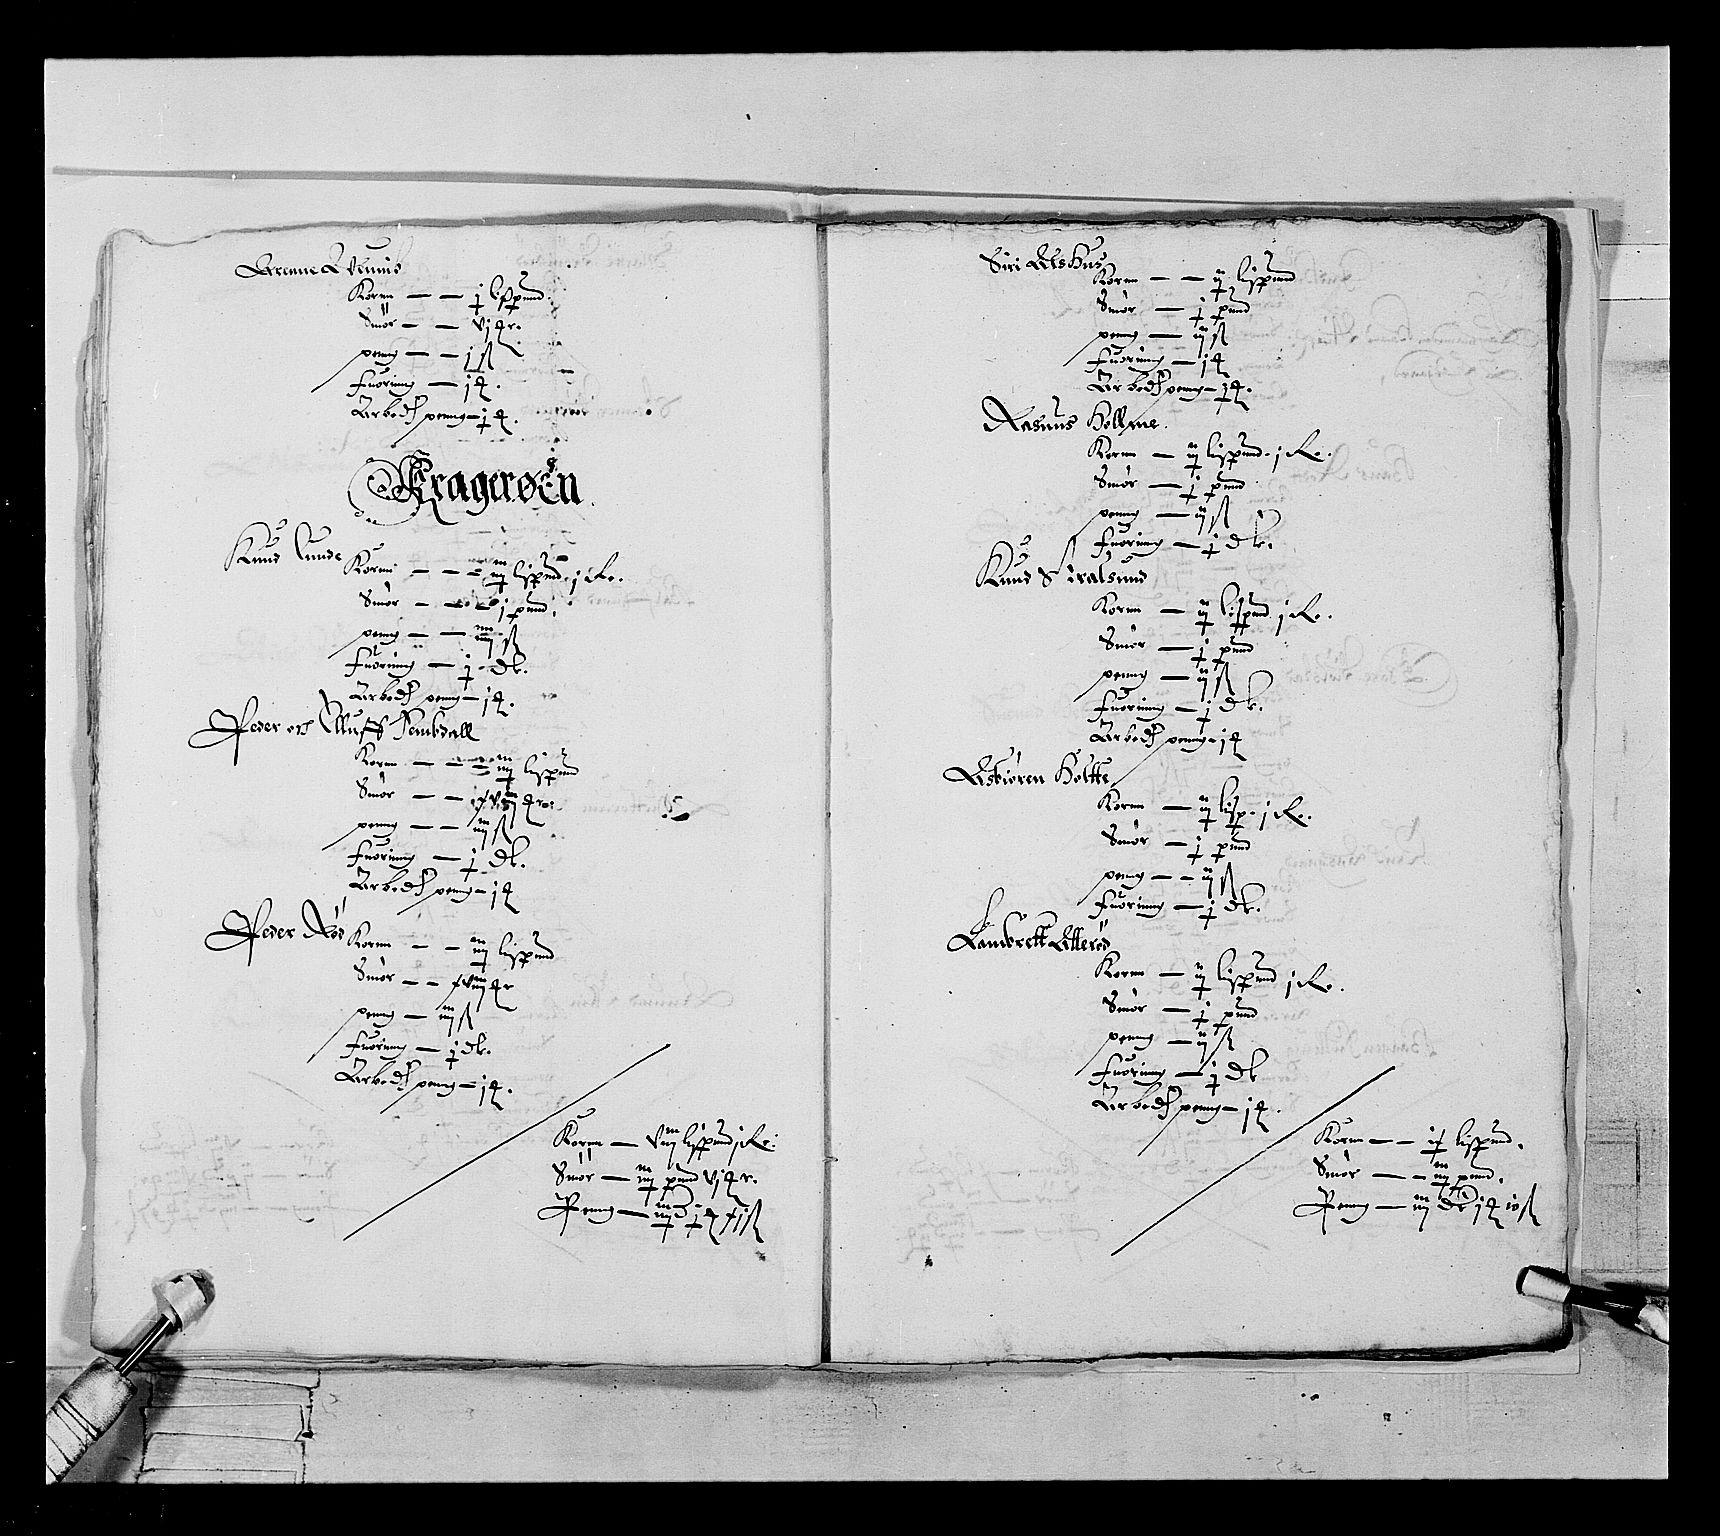 RA, Stattholderembetet 1572-1771, Ek/L0022: Jordebøker 1633-1658:, 1646-1647, s. 15